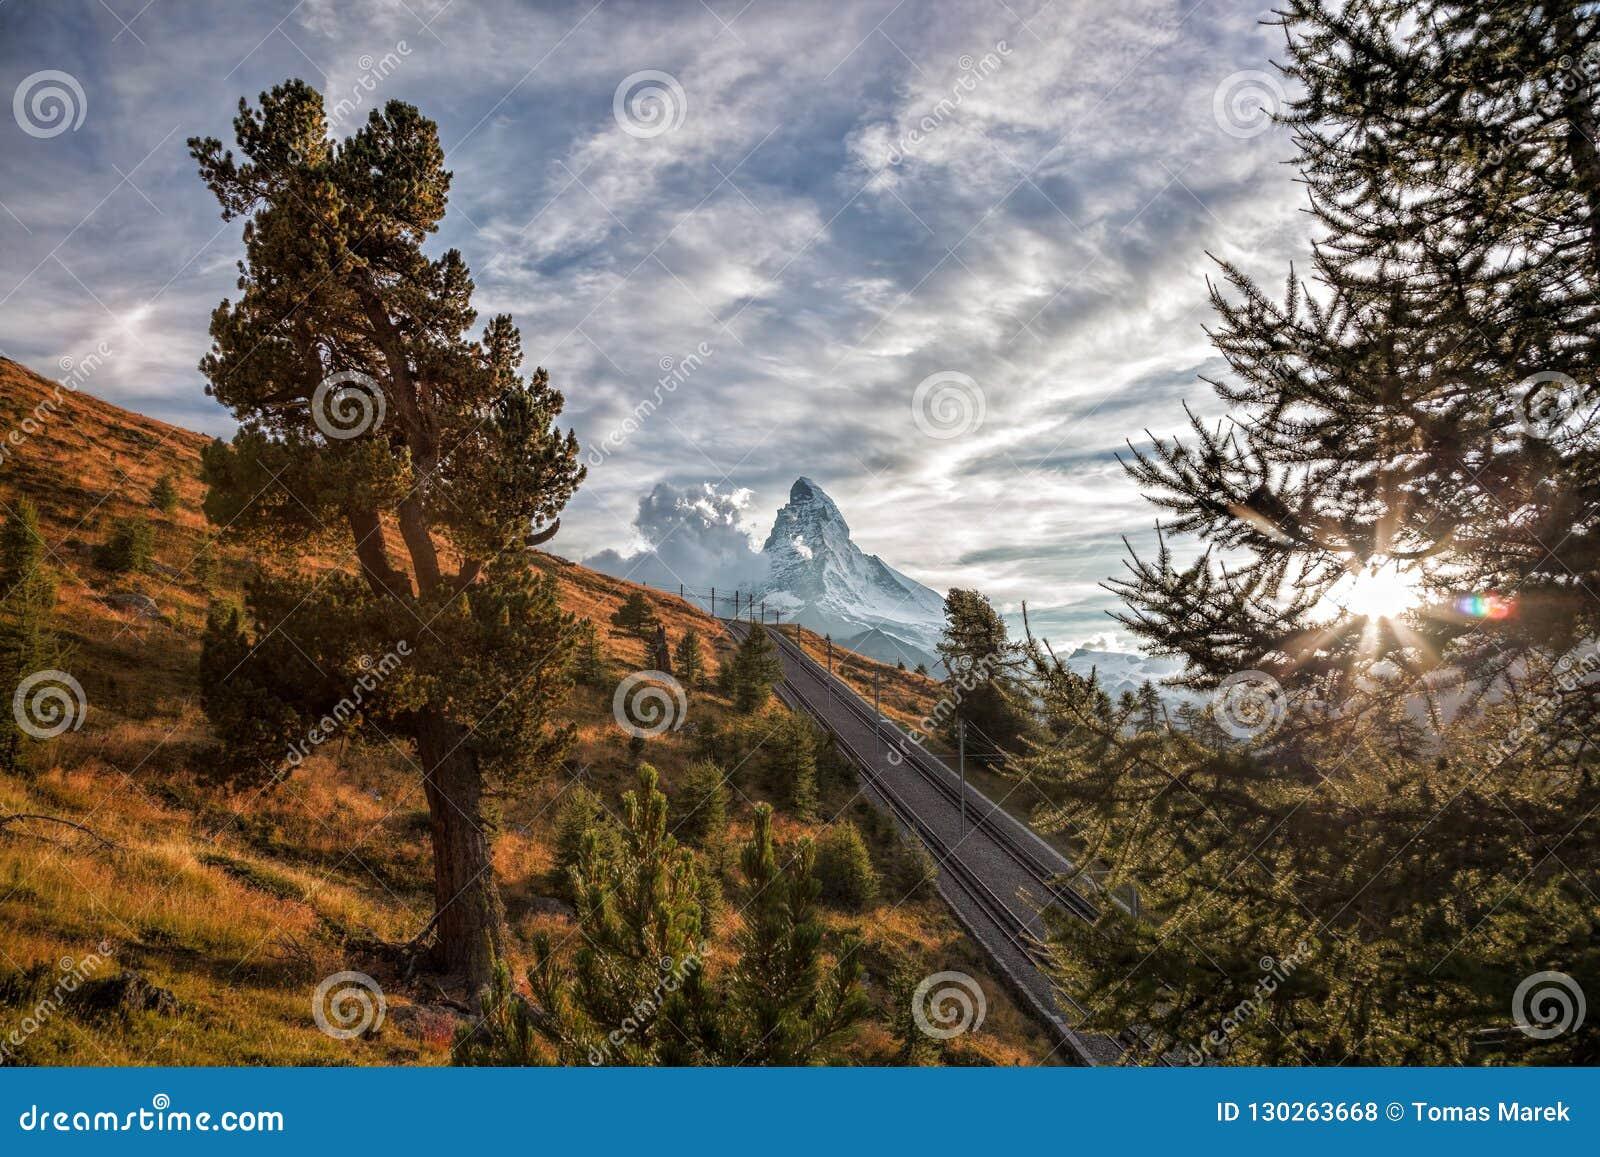 Crête de Matterhorn avec le chemin de fer avec le coucher du soleil dans les Alpes suisses, Suisse